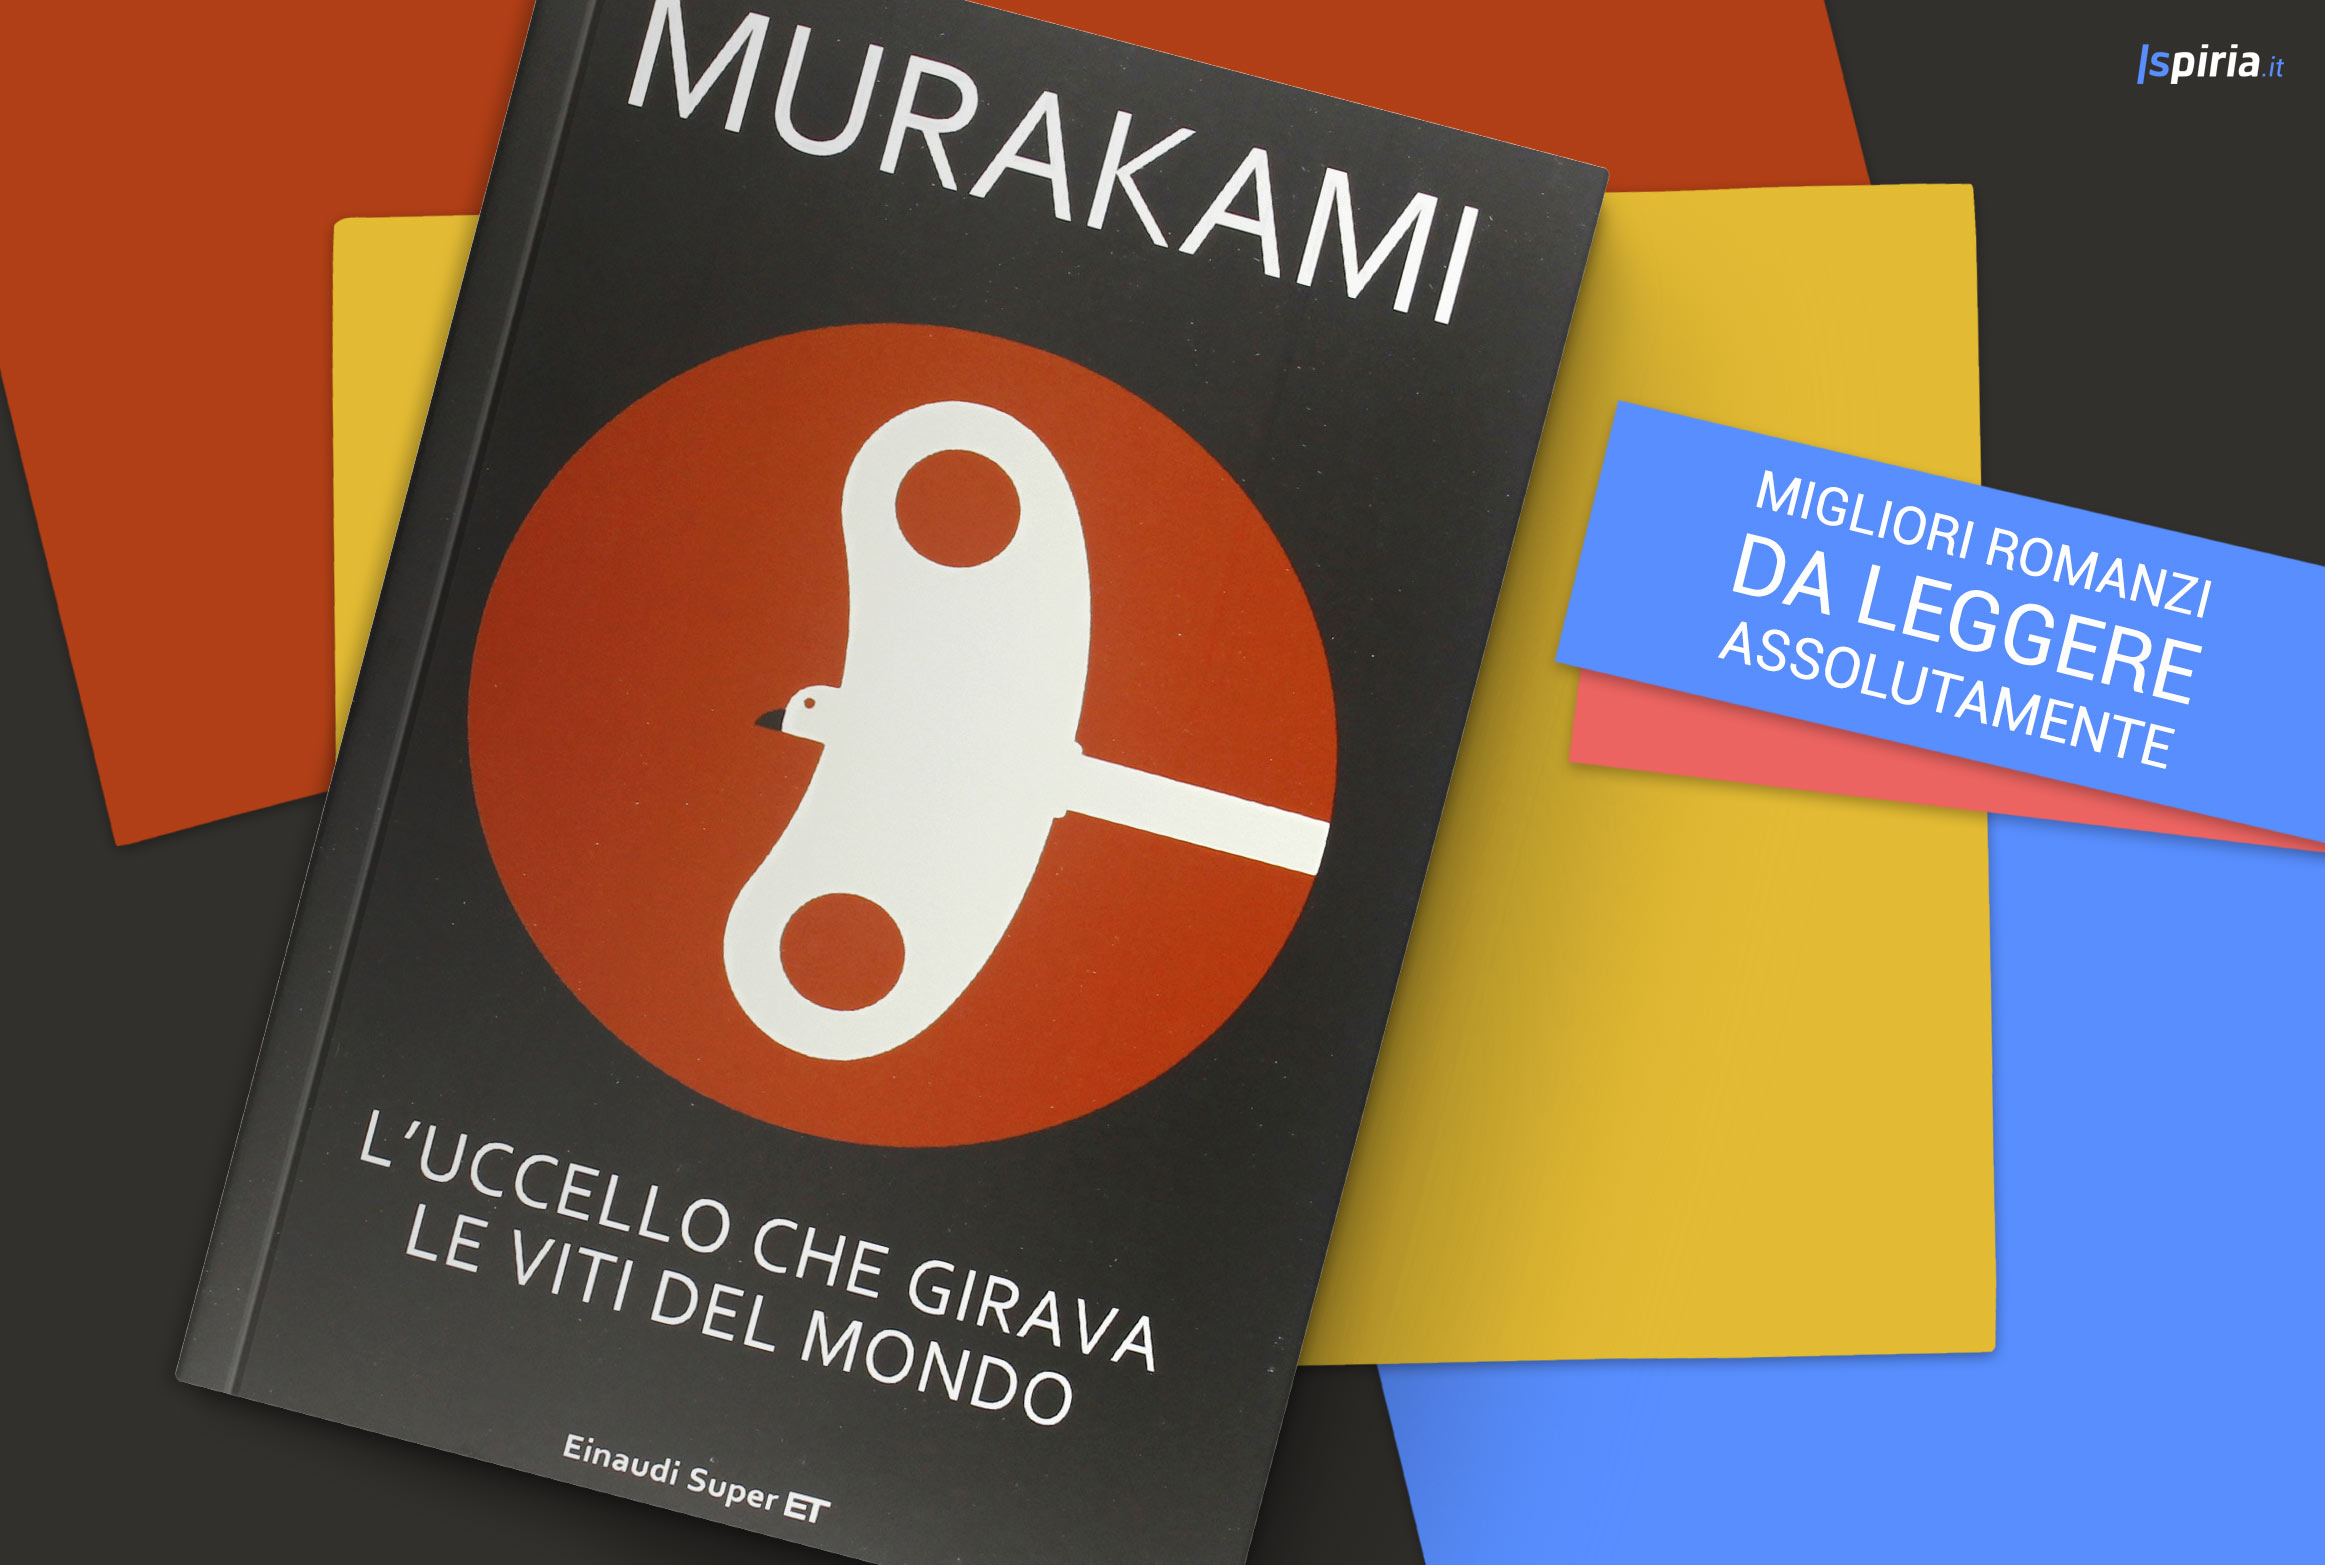 migliori-romanzi-di-sempre-uccello-viti-mondo-murakami